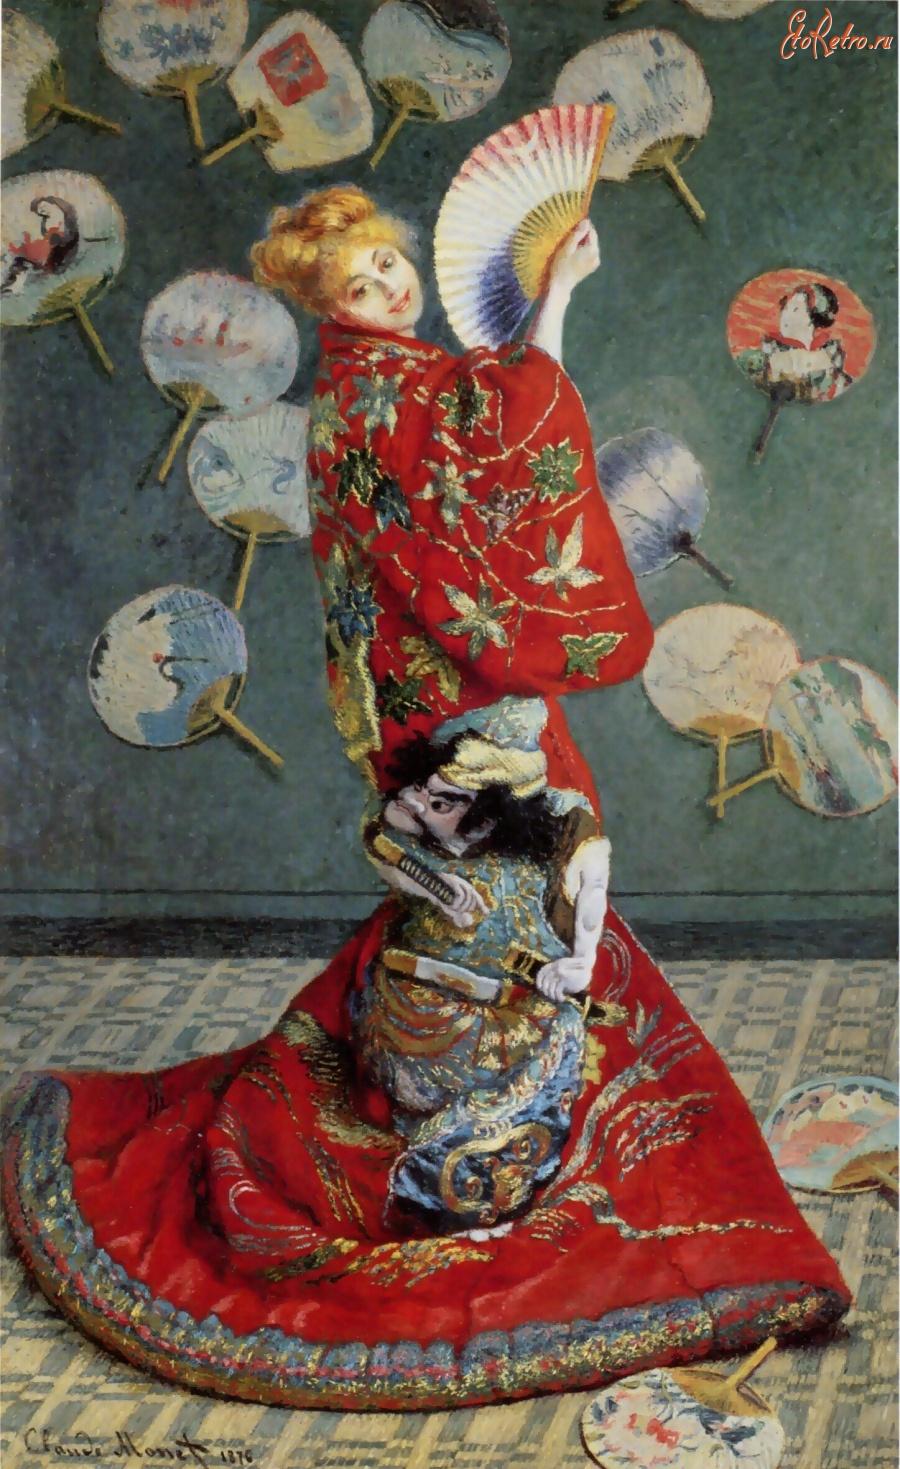 Камилла Донсье. Японка. 1875 - Разное > Картины - ЭтоРетро.ru - старые фото  городов